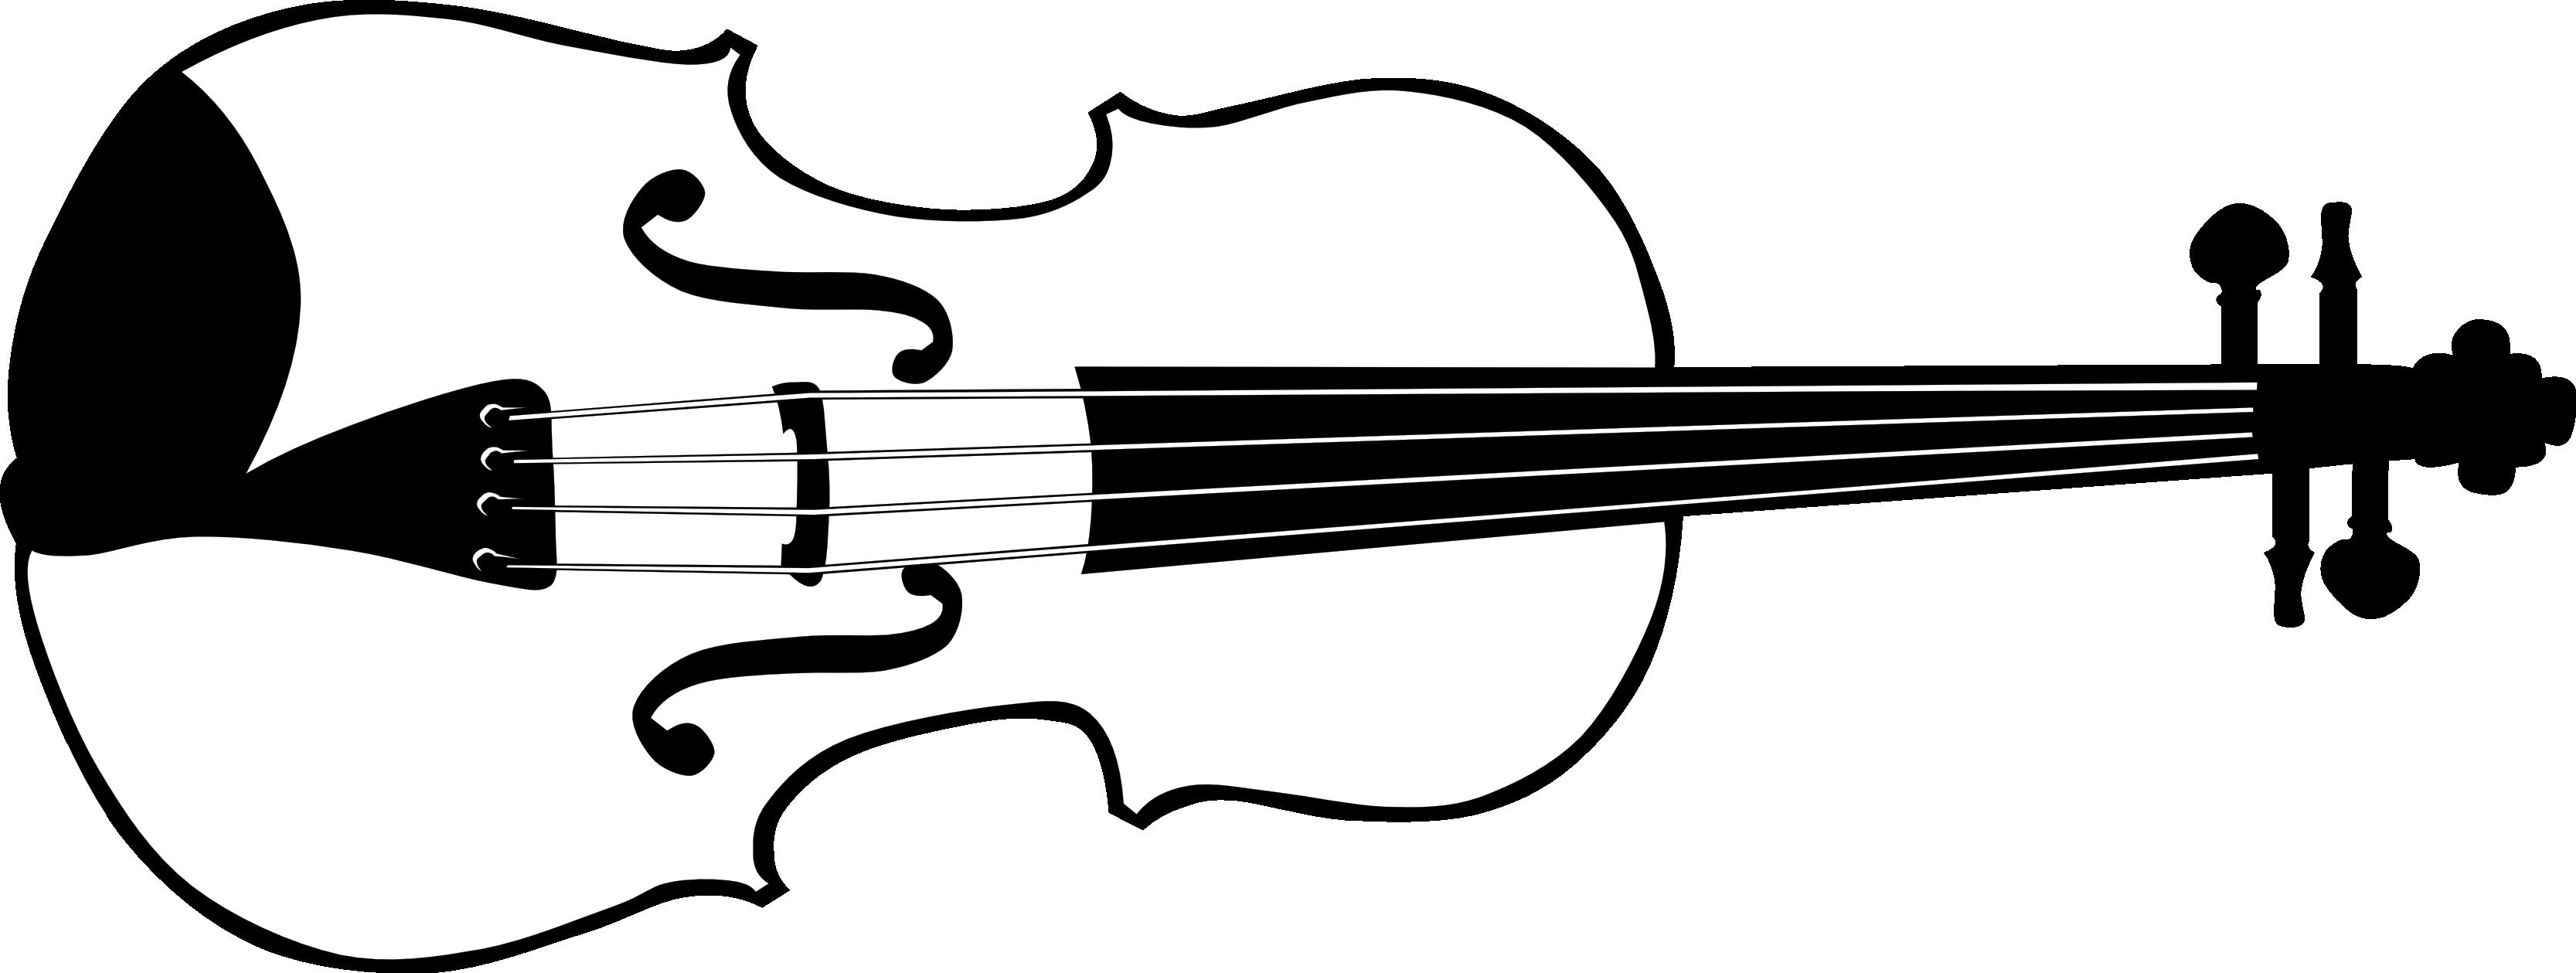 vector free library Violin panda free images. Cello clipart gambar.